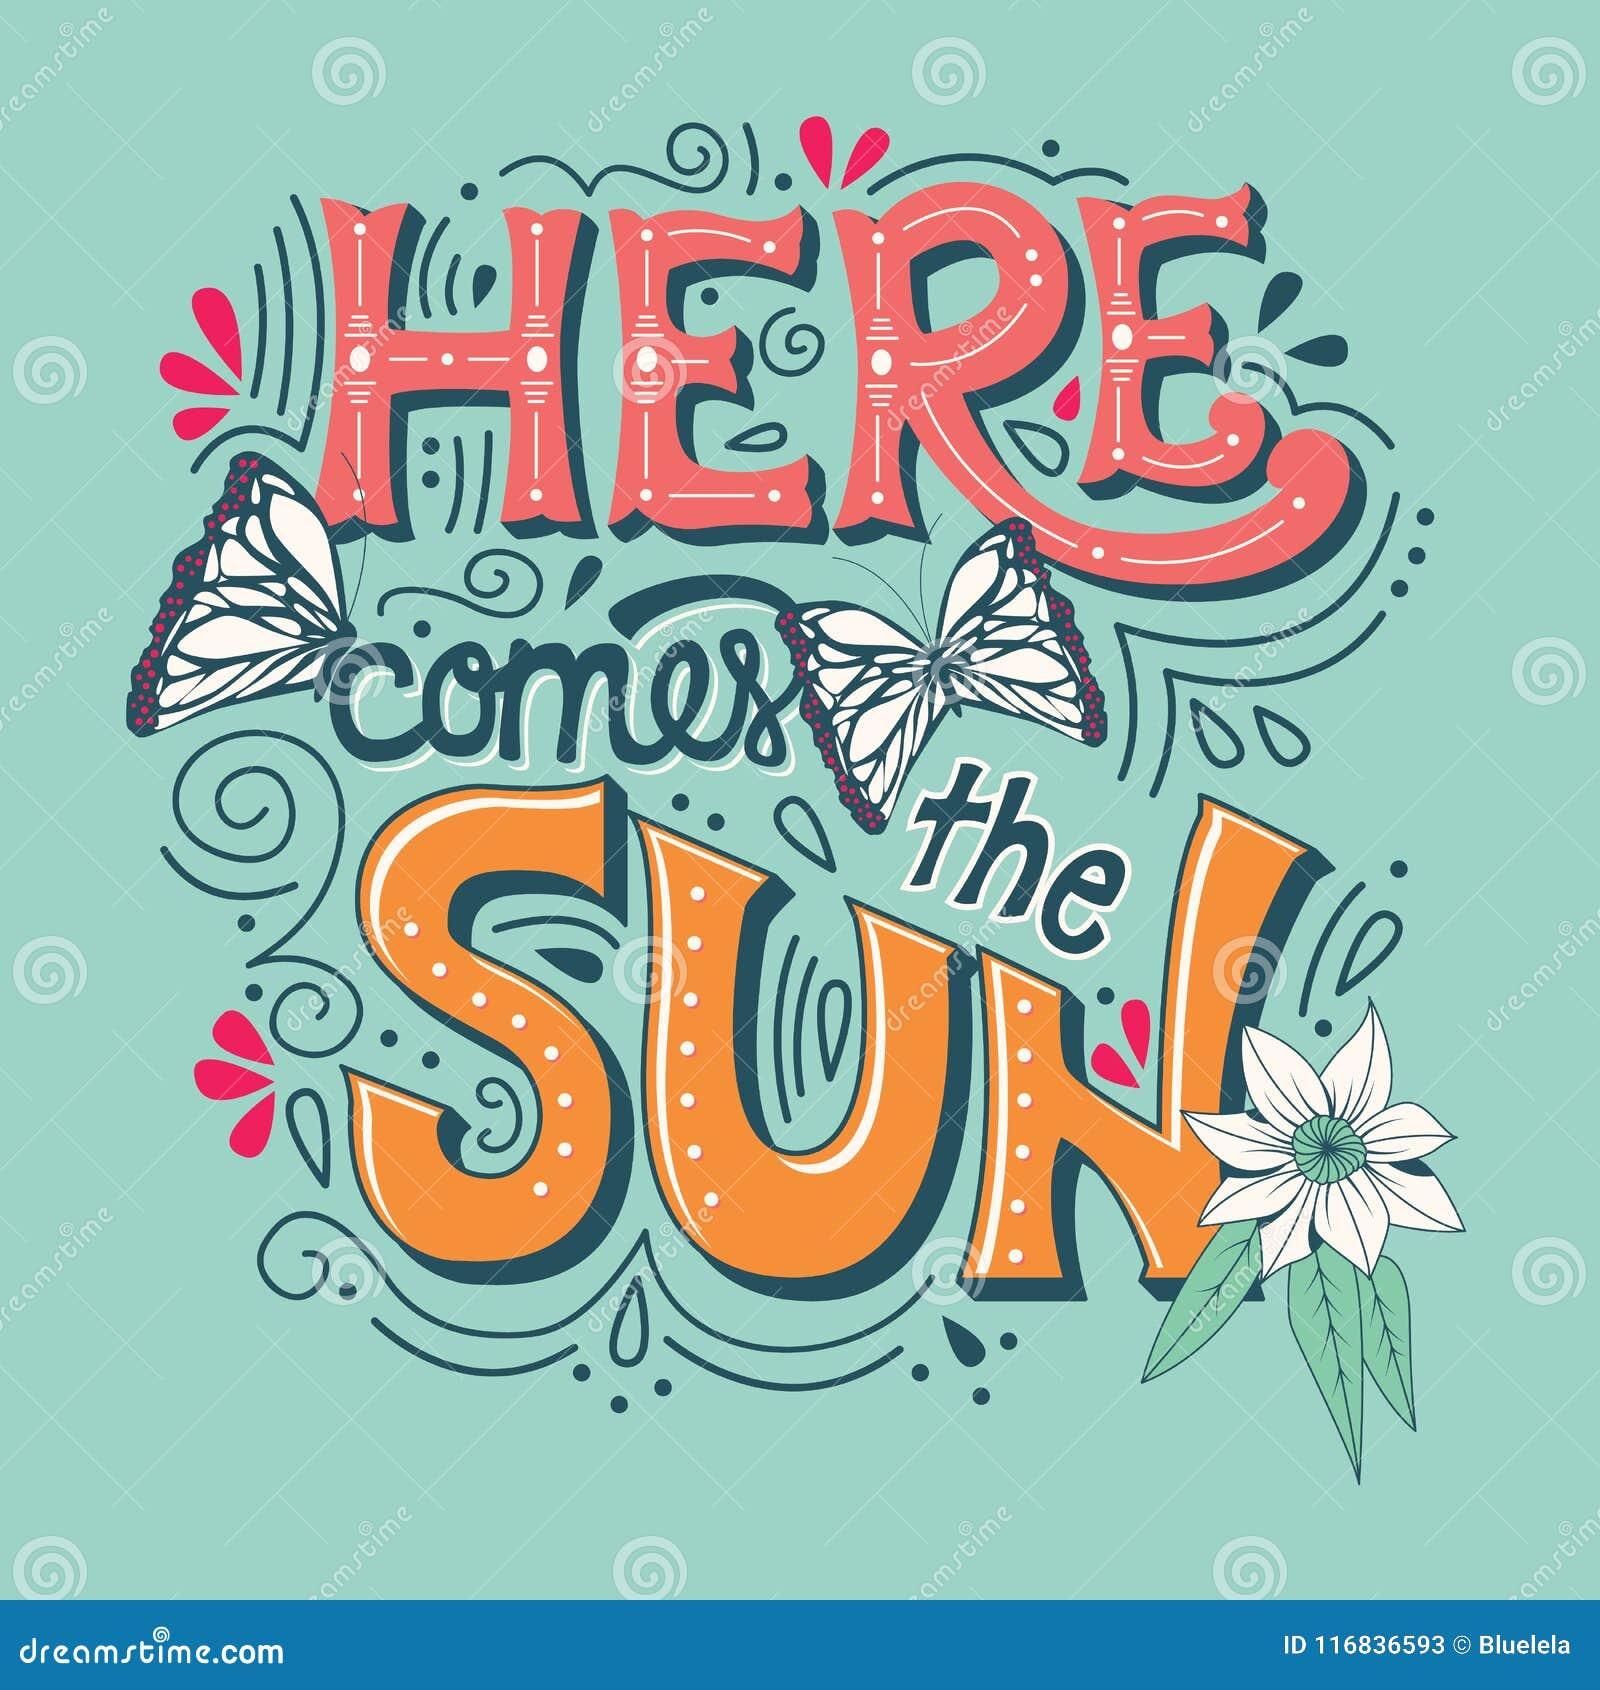 Aquí viene la bandera de la tipografía del sol con las mariposas, las flores y los remolinos